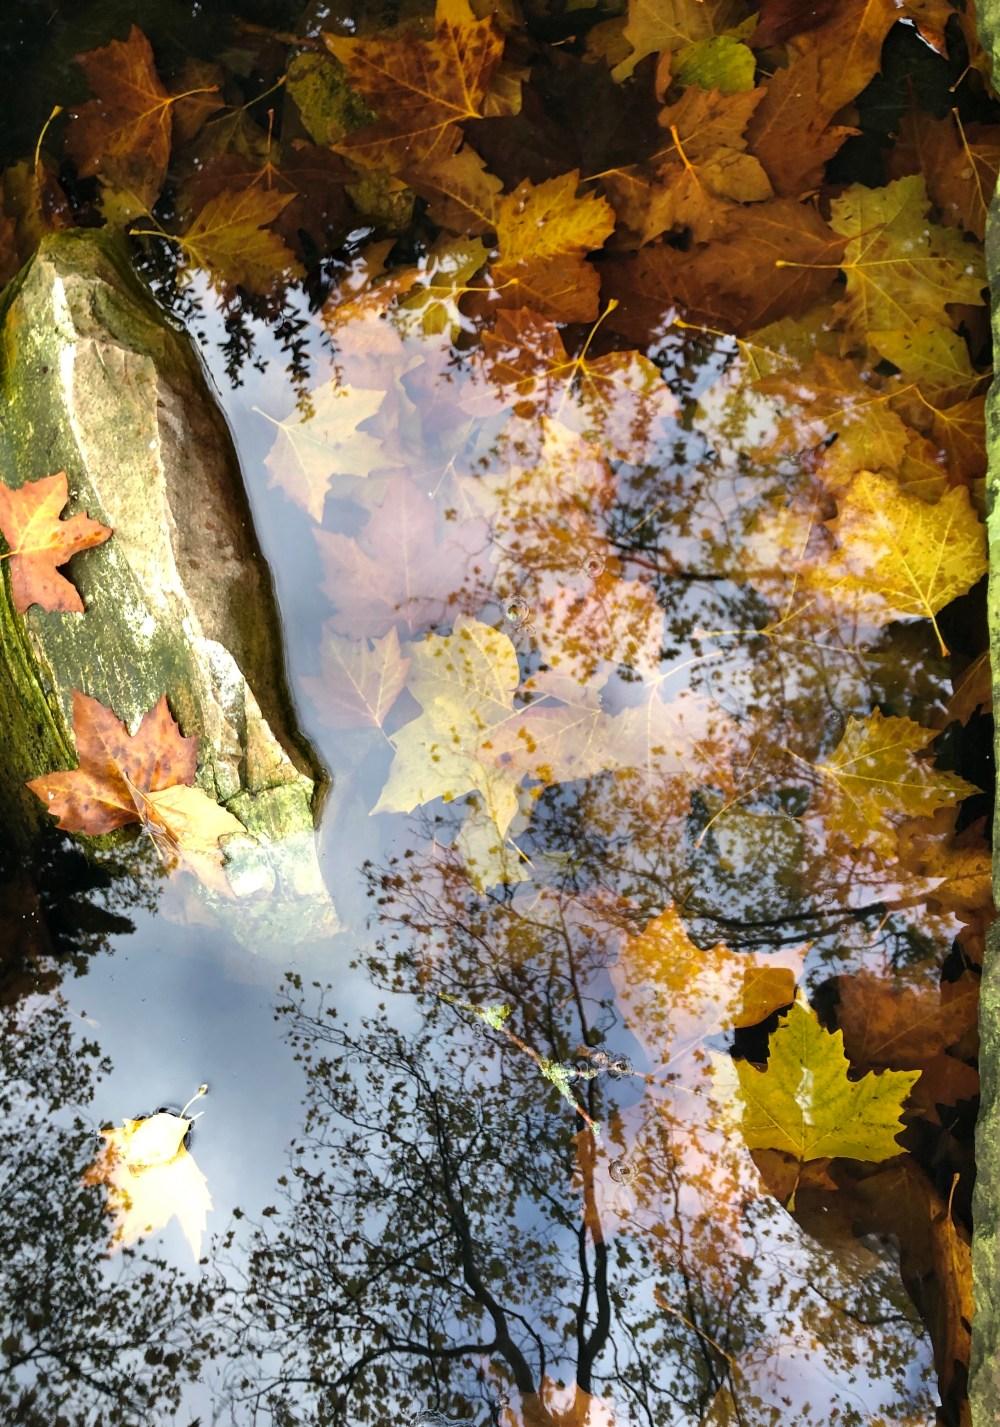 Gelborangene Blätter in einem Wasserbecken